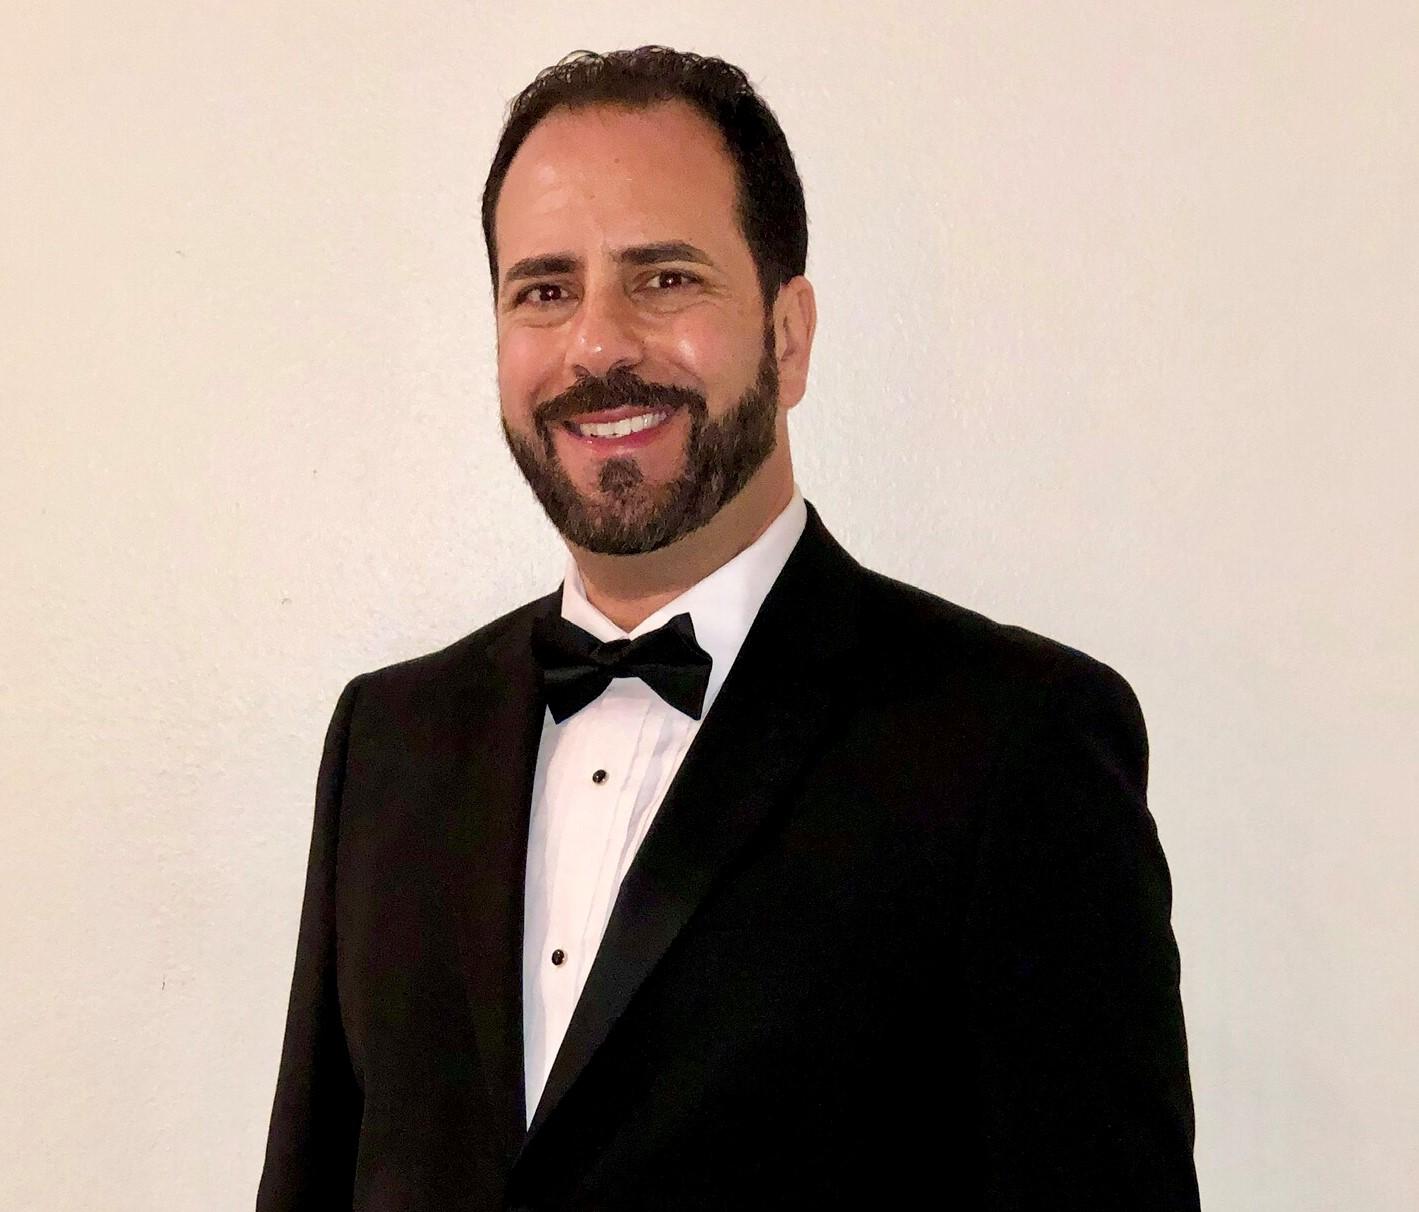 Image of Rocco C. Cipparone, Jr.